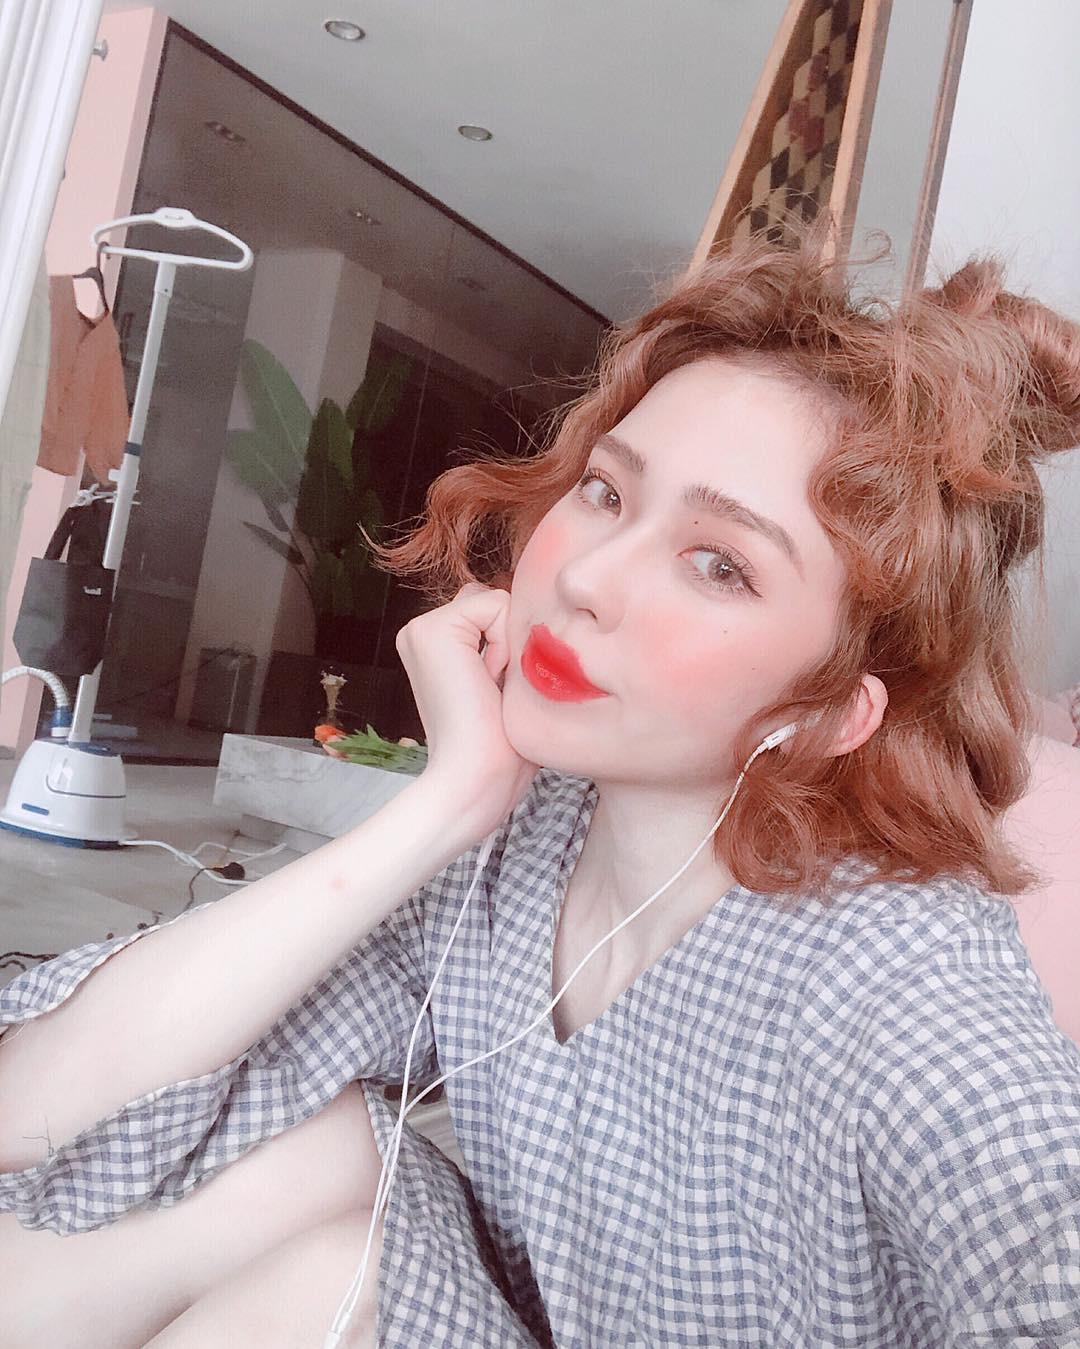 Má hồng nước trái cây: kiểu makeup Hàn Quốc biến khuôn mặt mệt mỏi trở nên xinh xẻo nhìn chỉ muốn cắn bạn nên biết ngay lúc này - Ảnh 2.